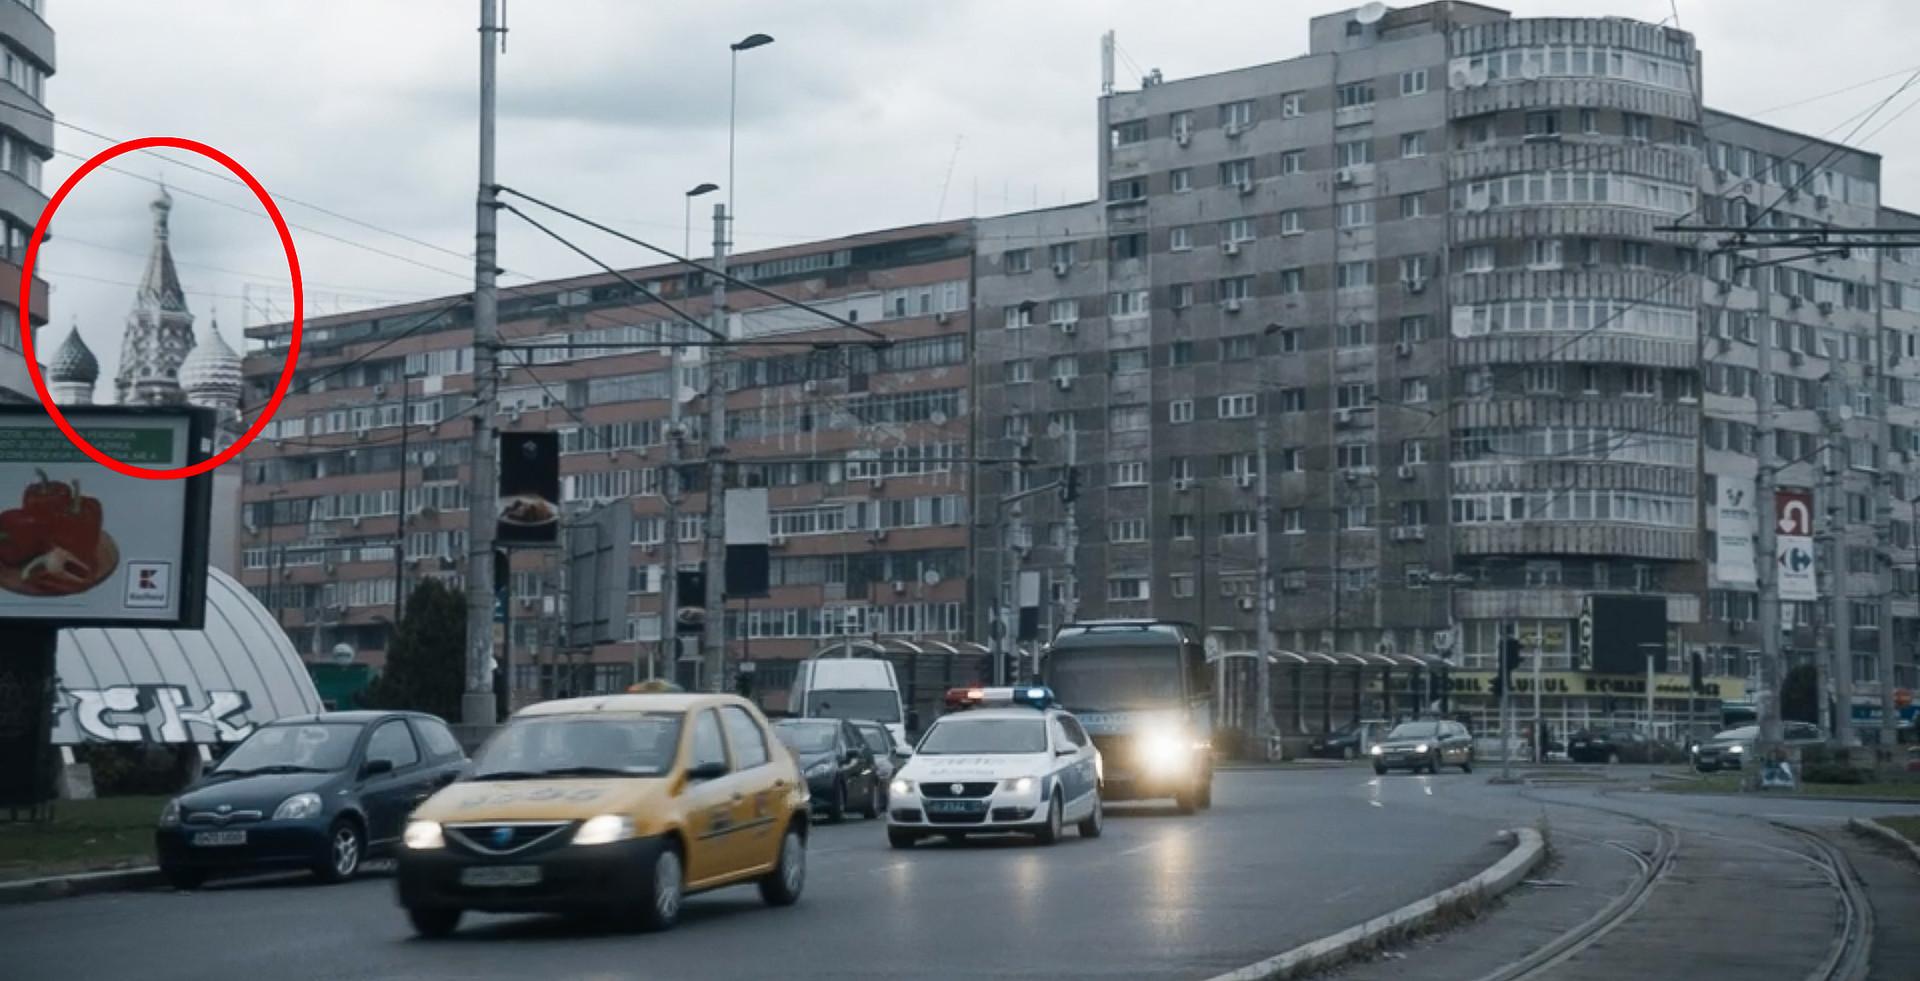 Ova scena iz Ubijenje Eve je čisti Bukurešt, upotpunjen s registarskim tablicama i oglasima na rumunjskom - no u pozadinu je montirana moskovska katedrala sv. Vasilija kako bi lokacija više nalikovala na Moskvu.